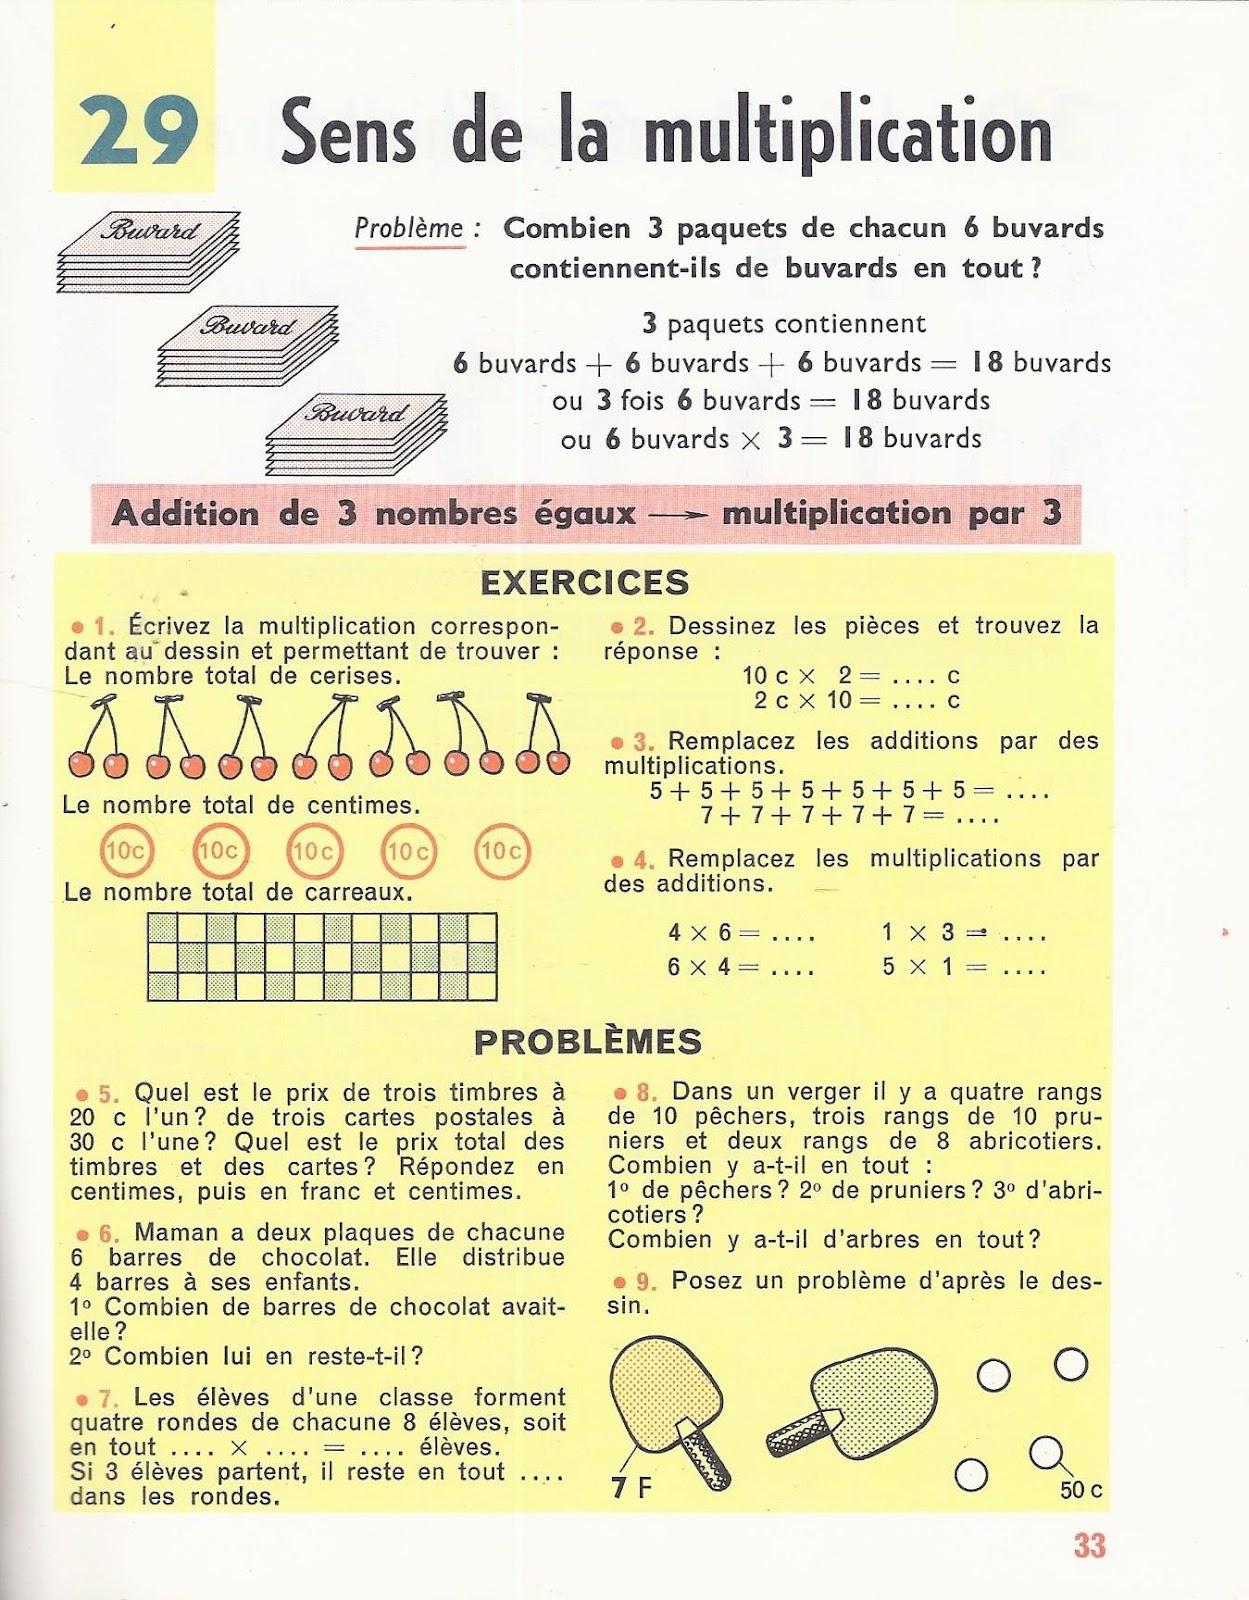 Manuels anciens denise rosier calcul ce2 1963 for La multiplication ce2